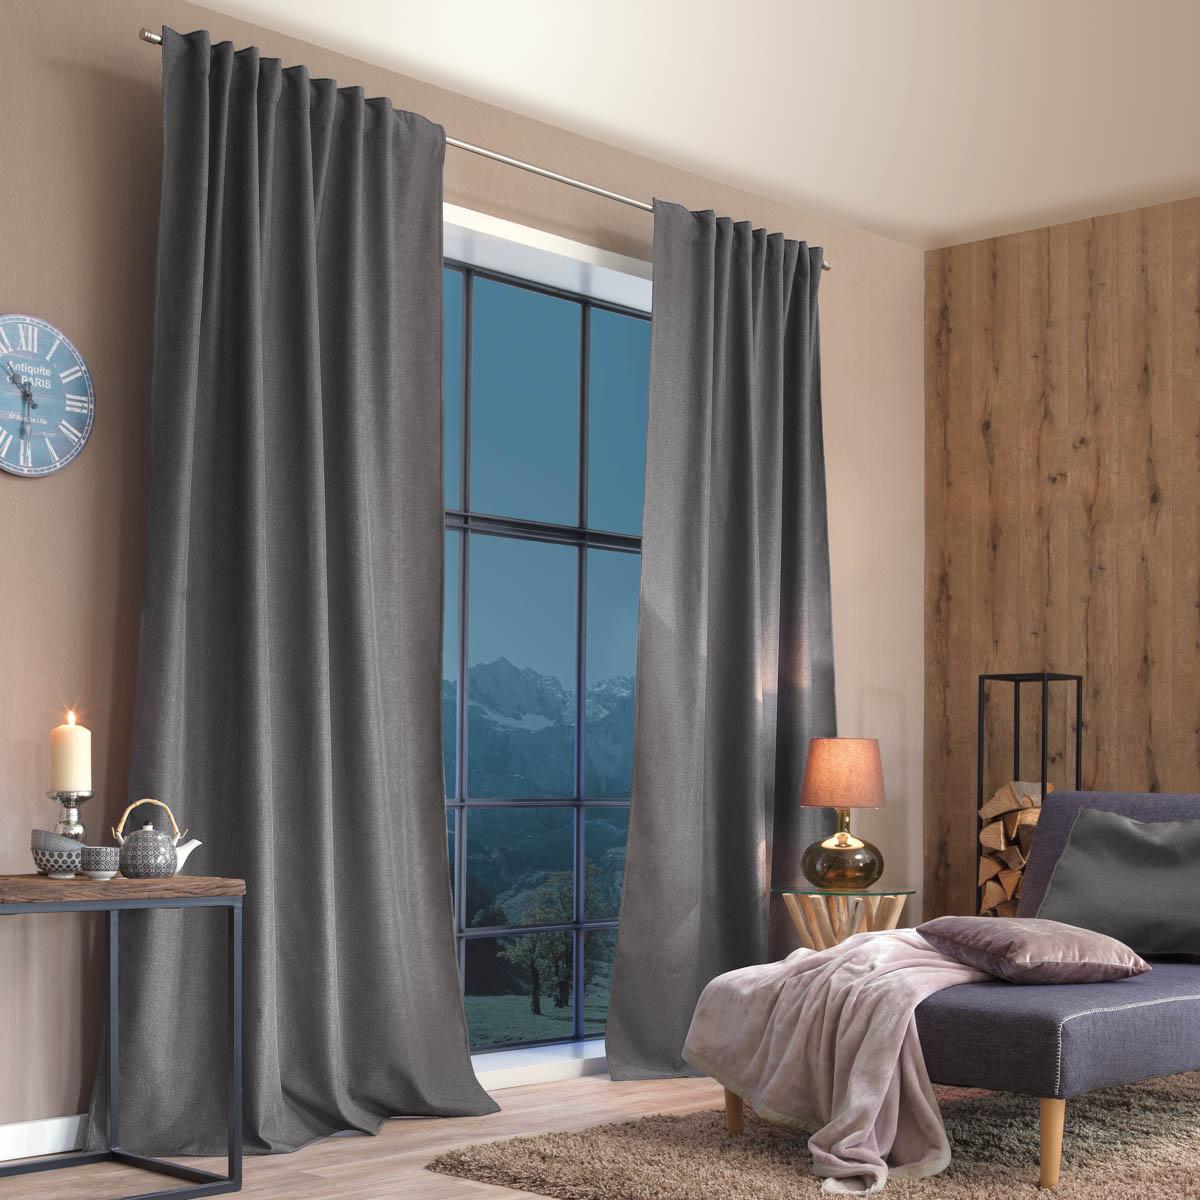 Thermo Vorhang mit Schlaufenband Kälte- und Hitzeschutz einfarbig dunkelgrau 135x245cm